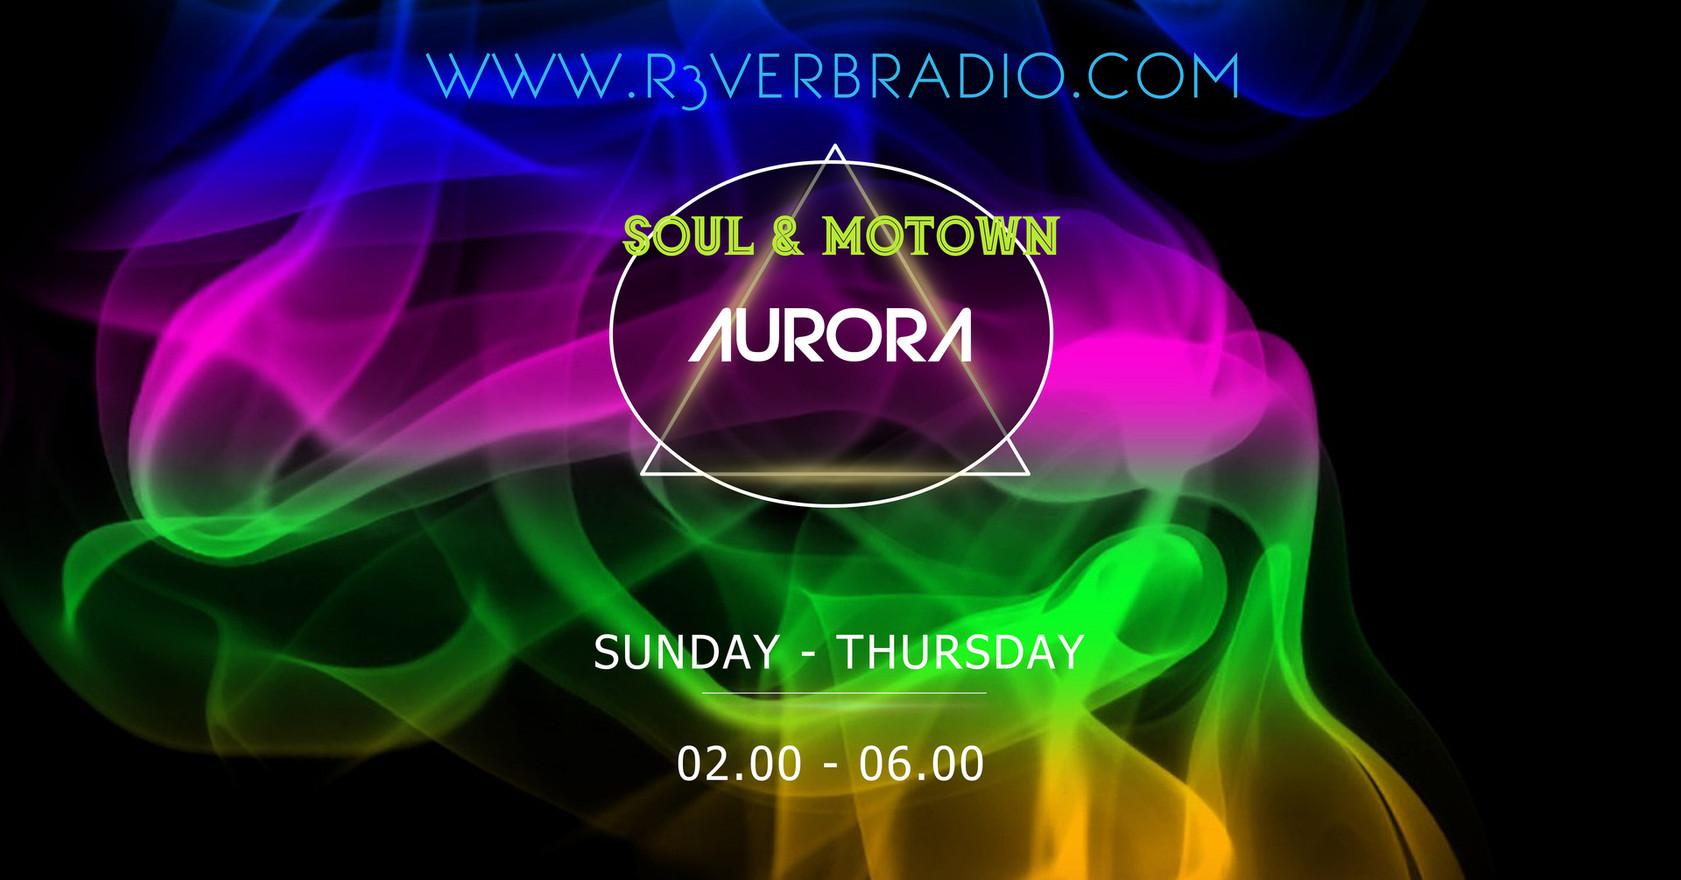 r3verb-aurora.jpg